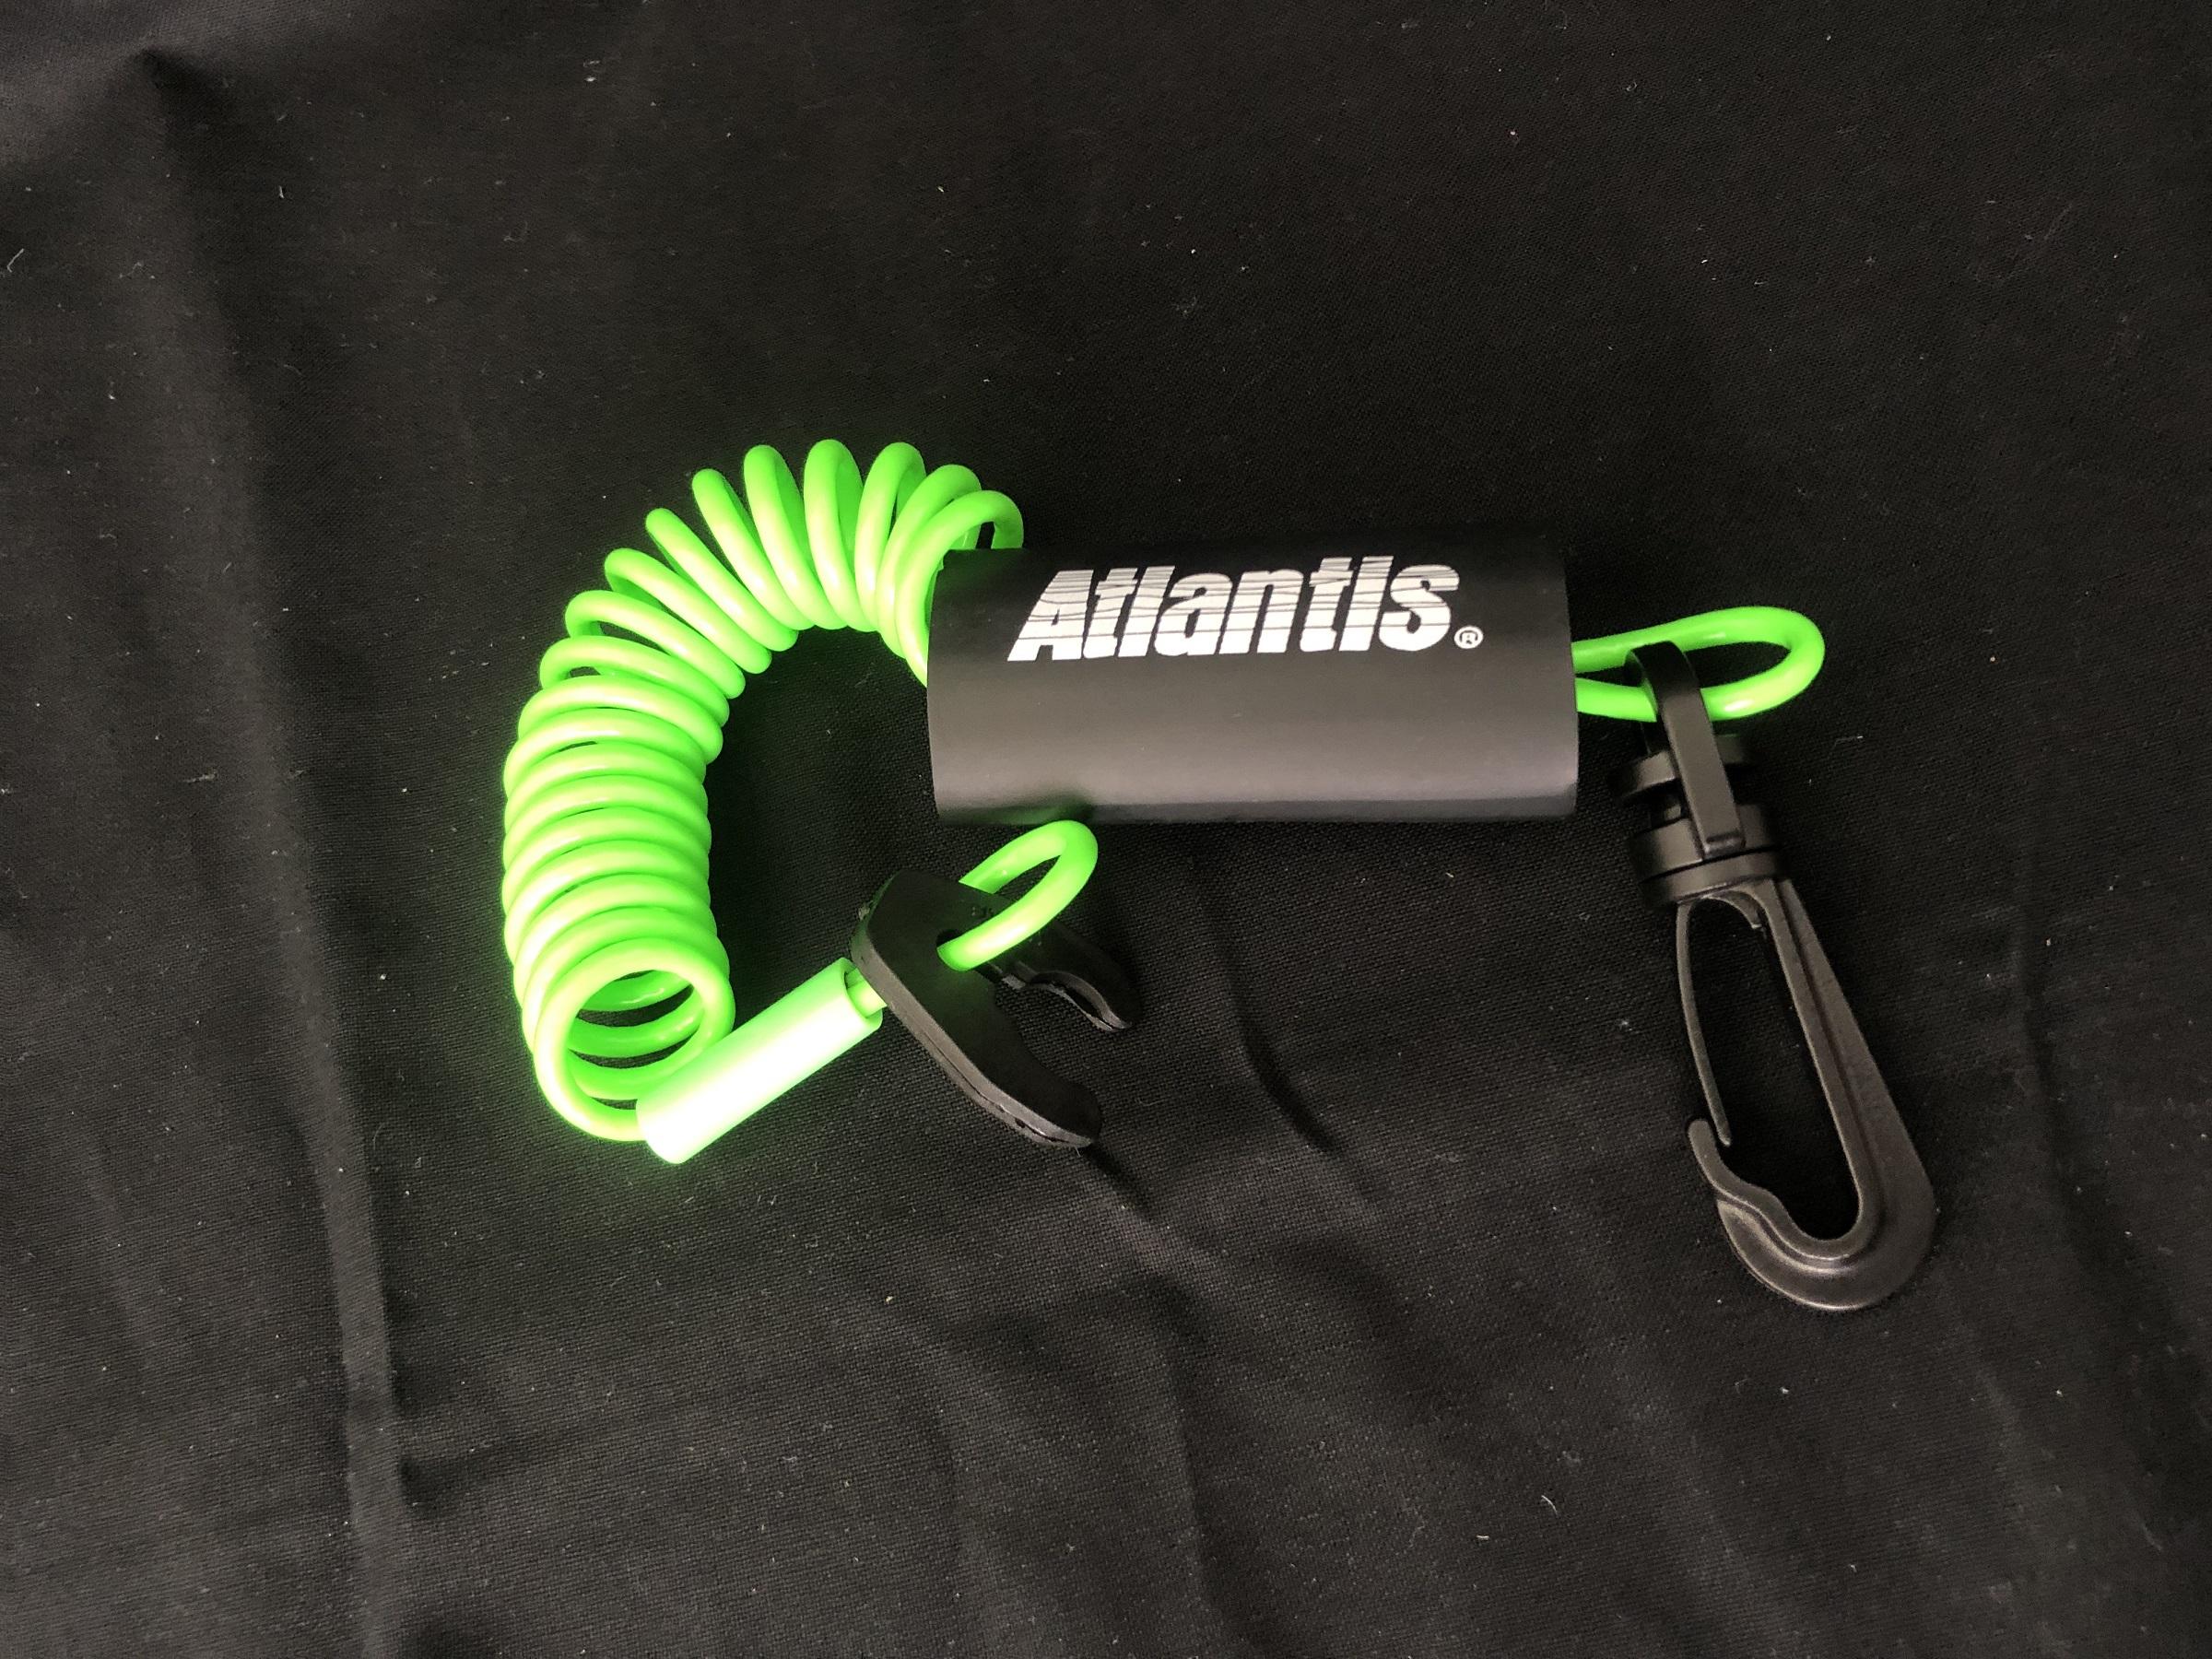 Atlantis パフォーマンス ランラード カワサキ